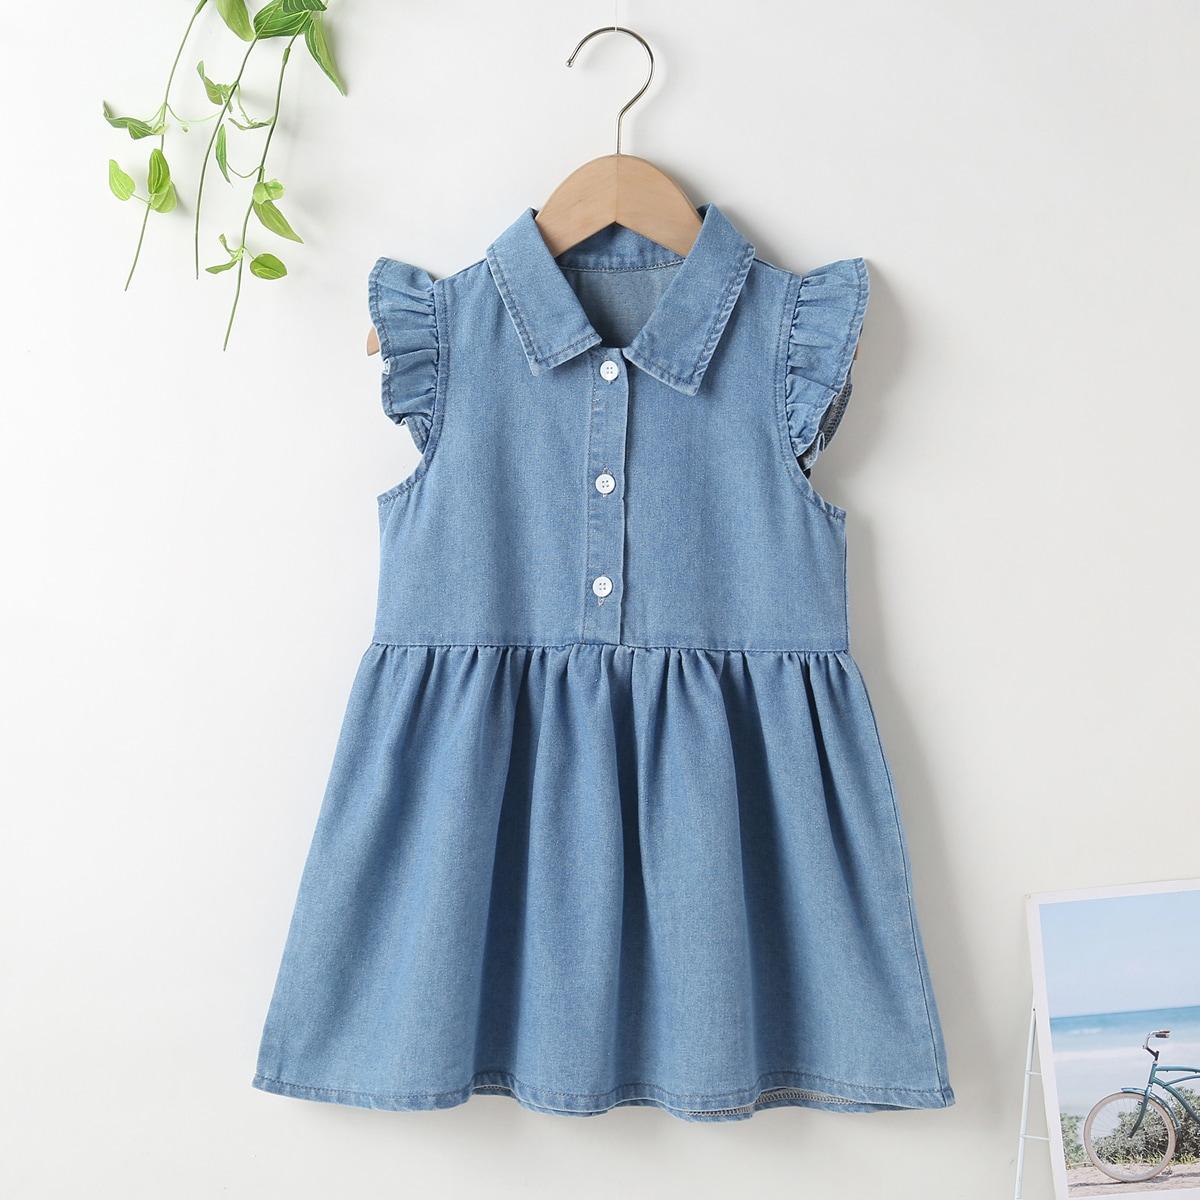 Джинсовое платье с оборкой для девочек SheIn skdress03210317419